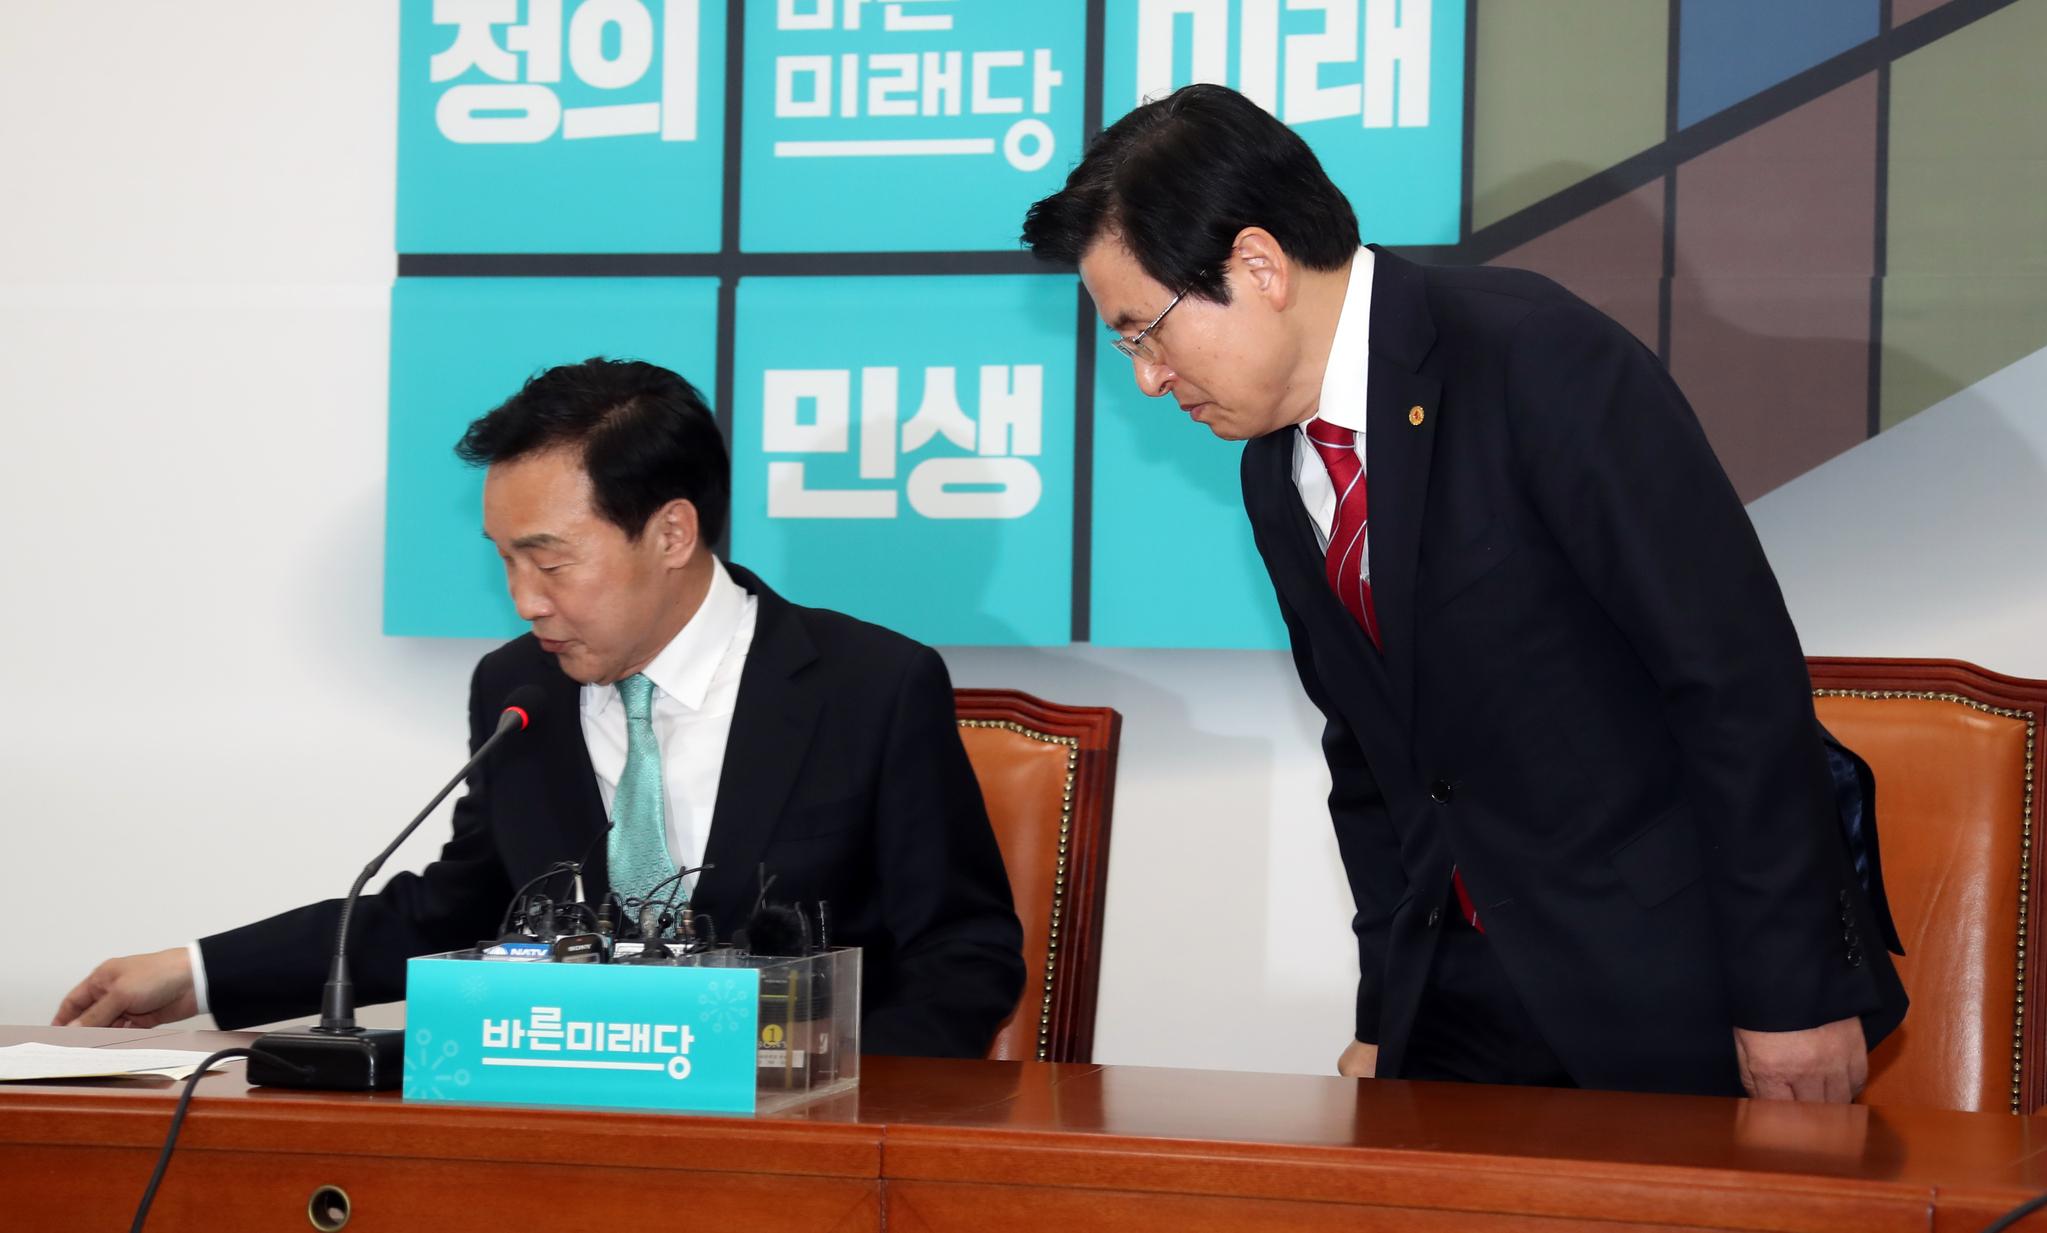 황교안 자유한국당 대표가 28일 오후 국회 바른미래당 대표실로 손학규 대표를 예방했다. 두 당 대표가 자리에 앉고 있다. 변선구 기자